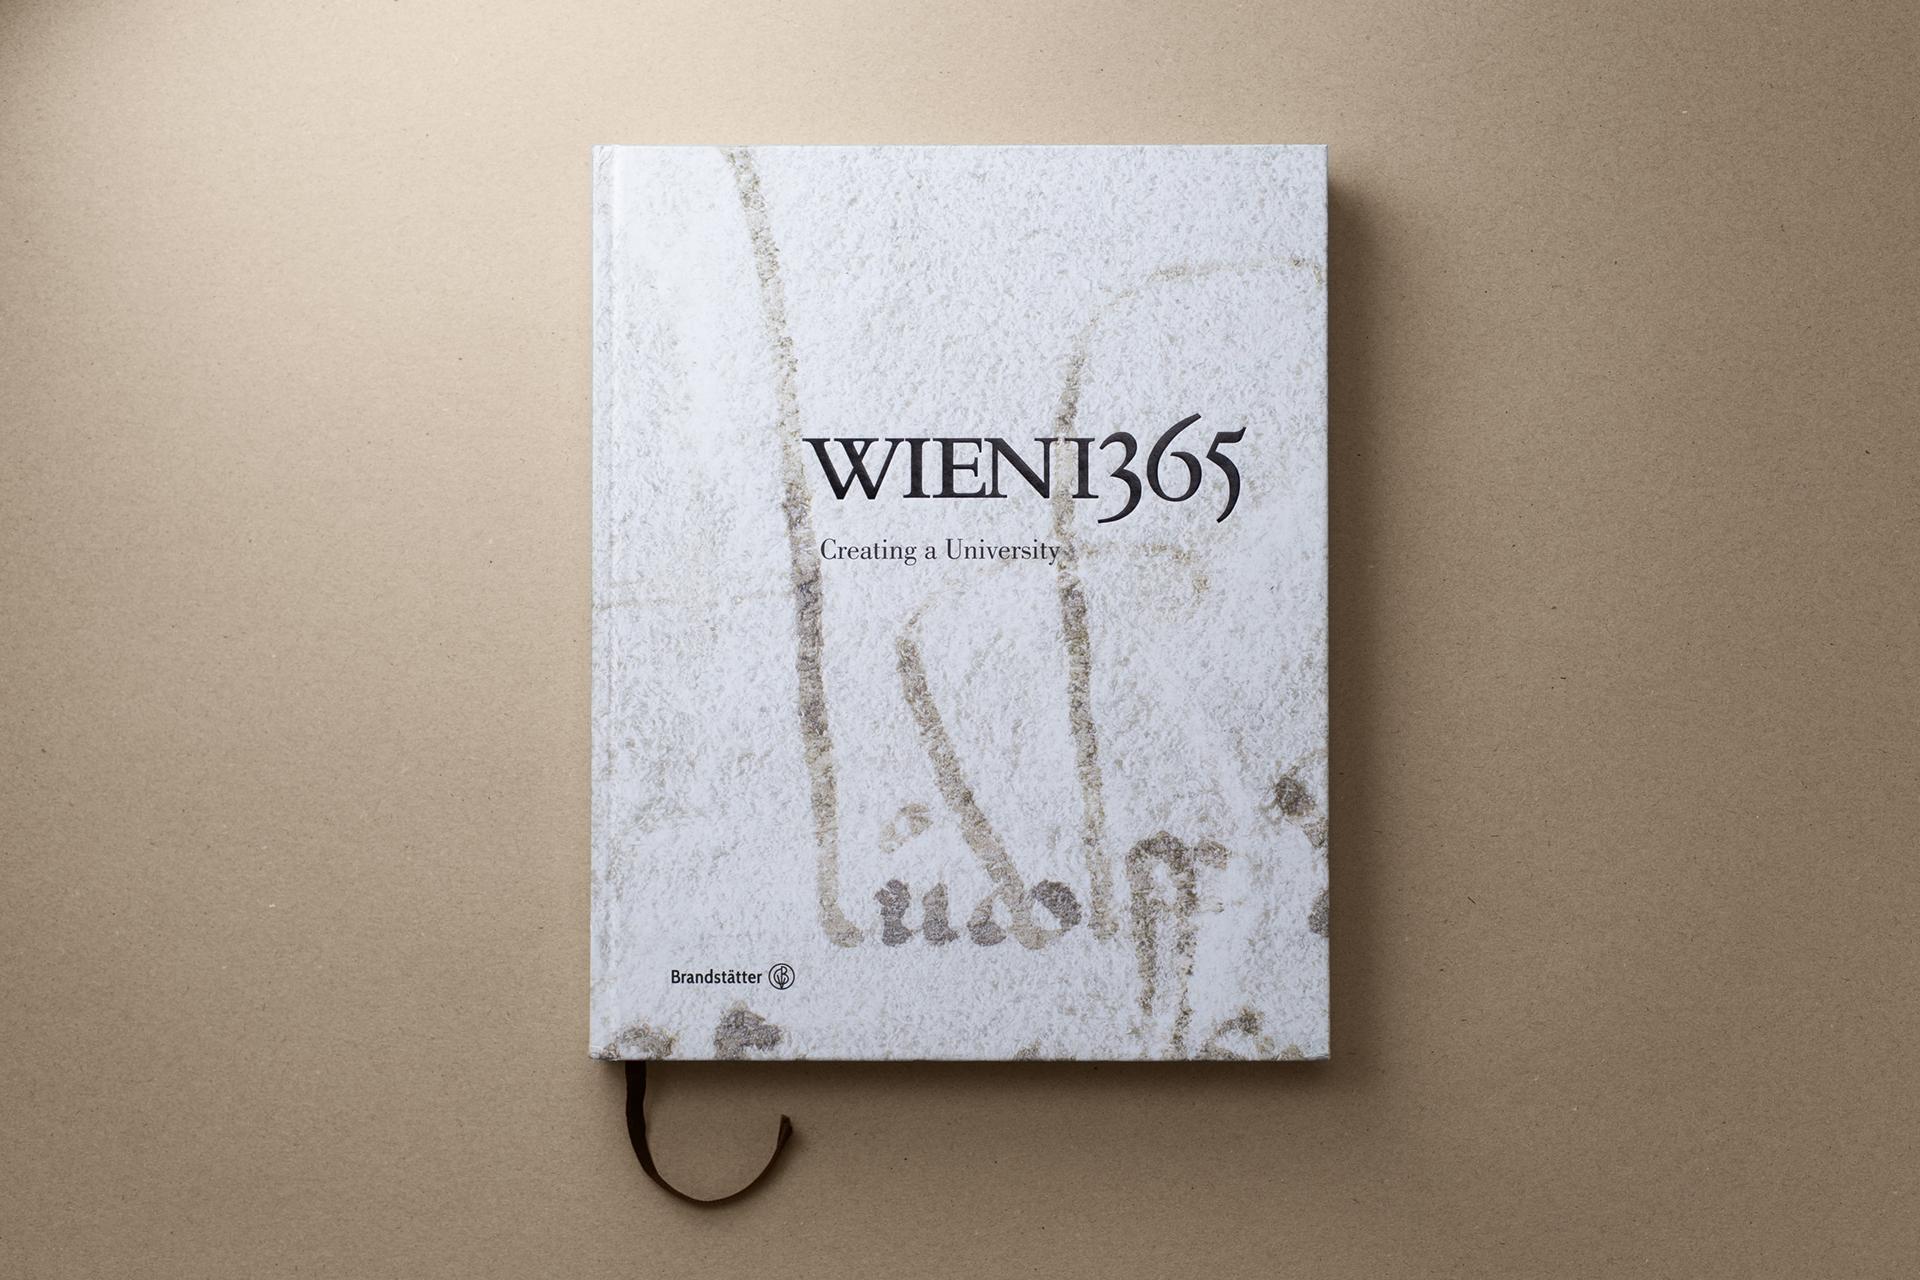 wien_1365